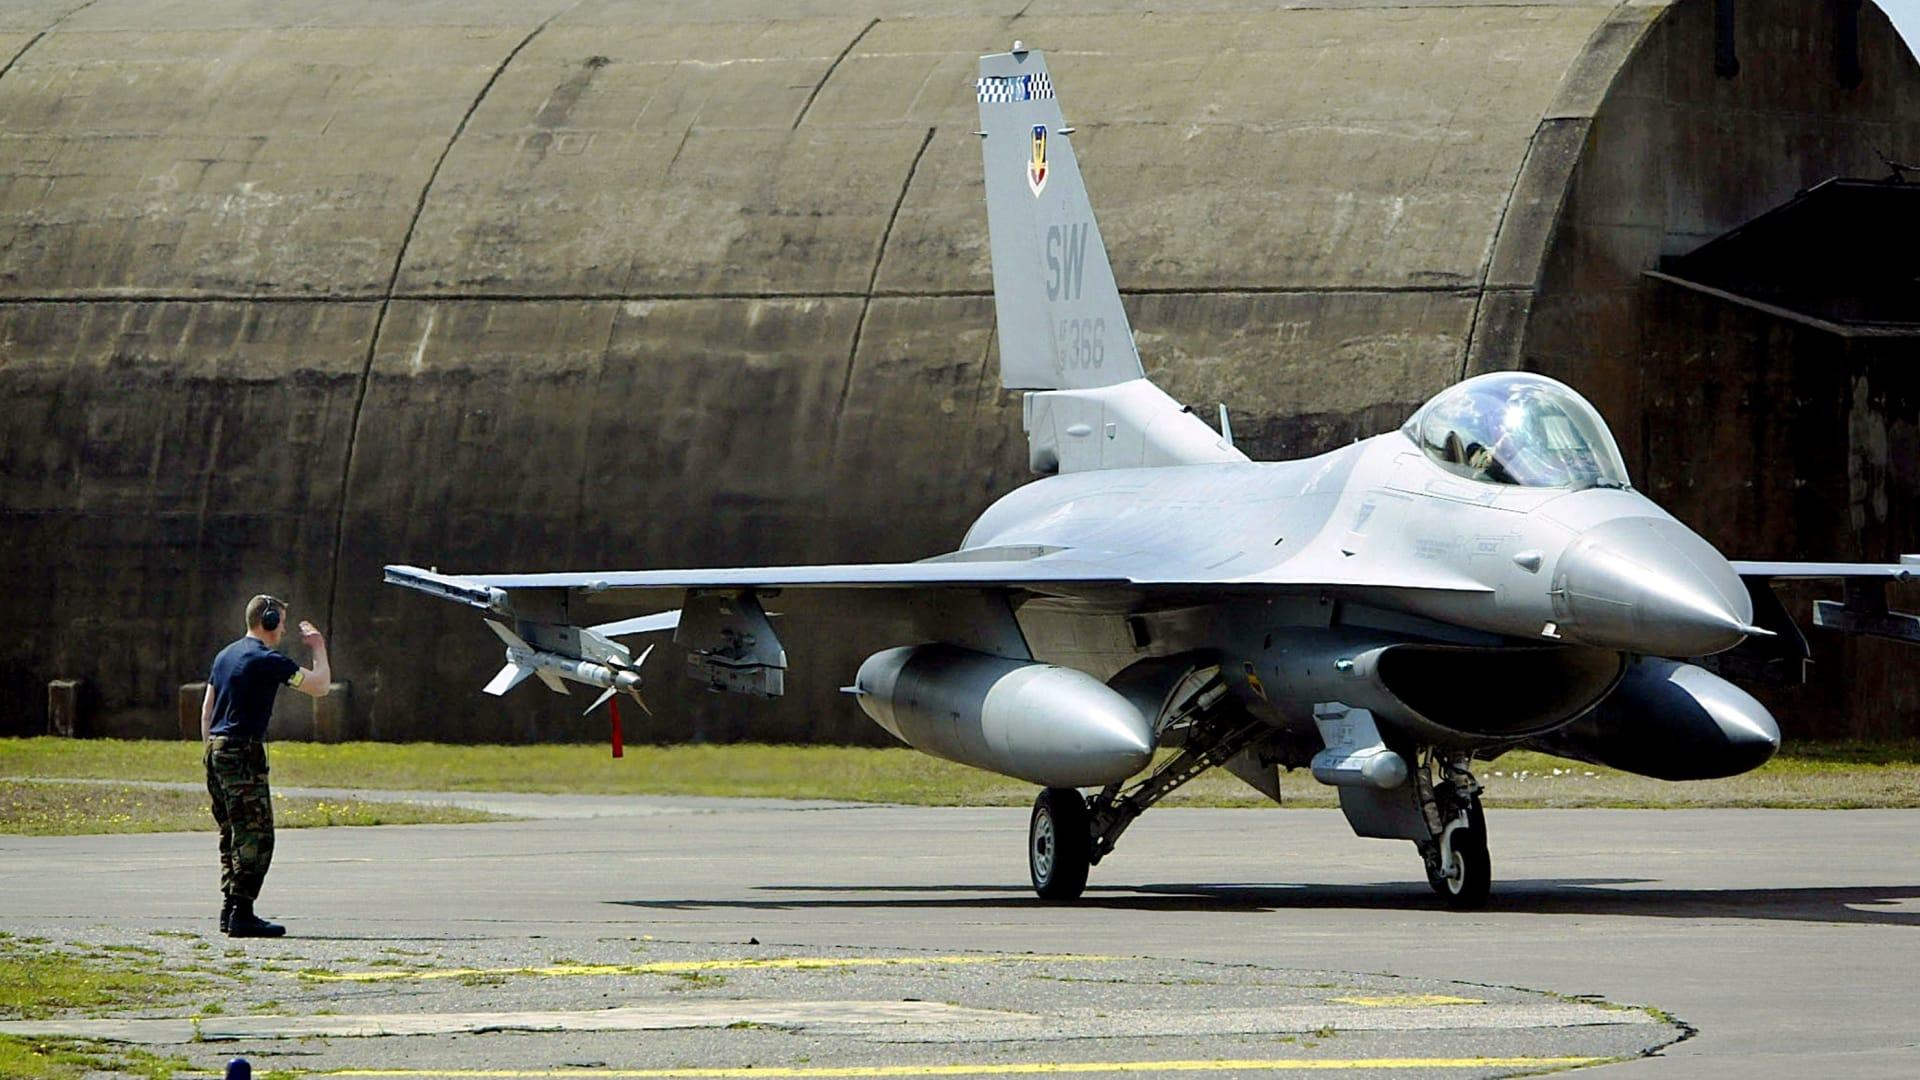 """ستحل بدلا من """"F-16"""" في الجيش.. تركيا تسعى لتصنيع """"مقاتلة محلية"""" من الجيل الخامس"""